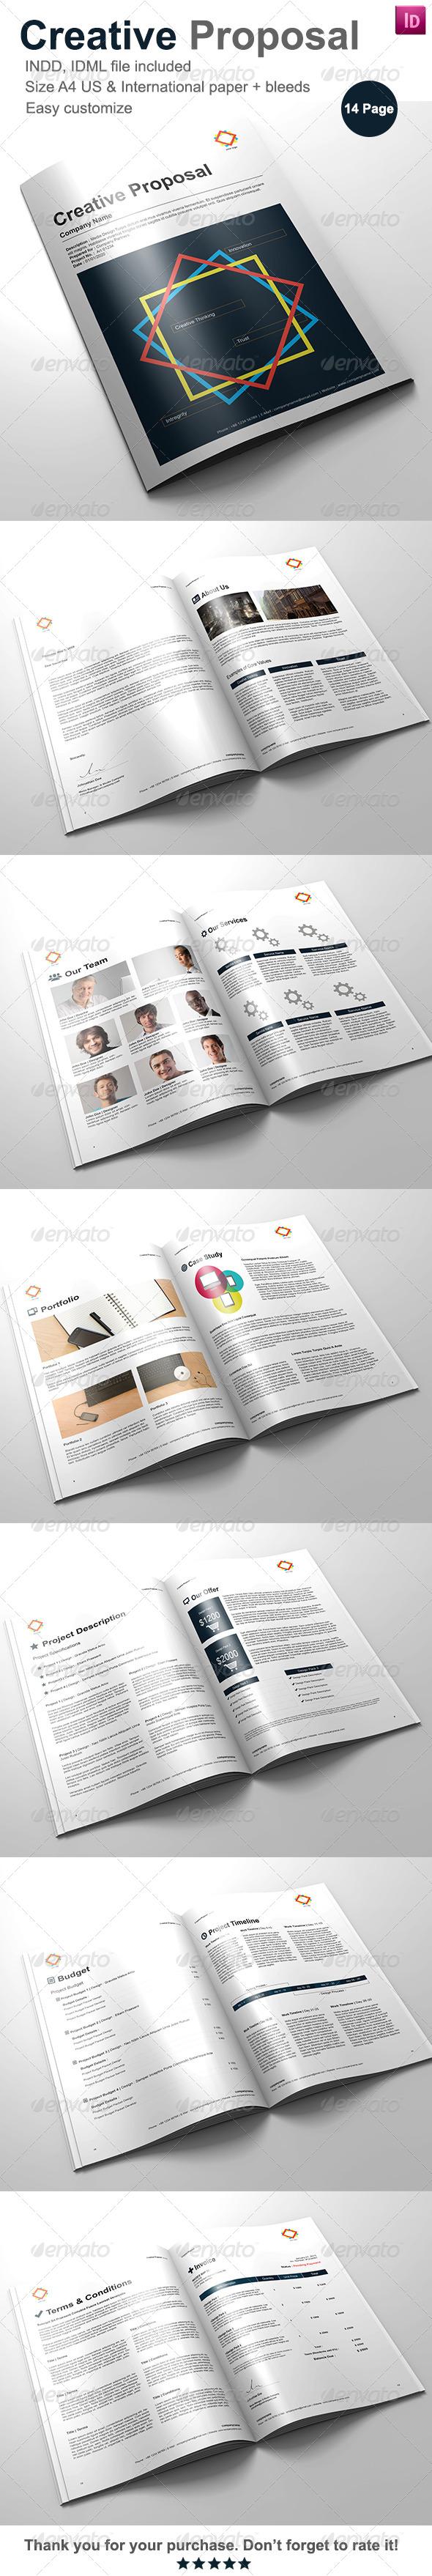 GraphicRiver Gstudio Creative Proposal Template 4062274